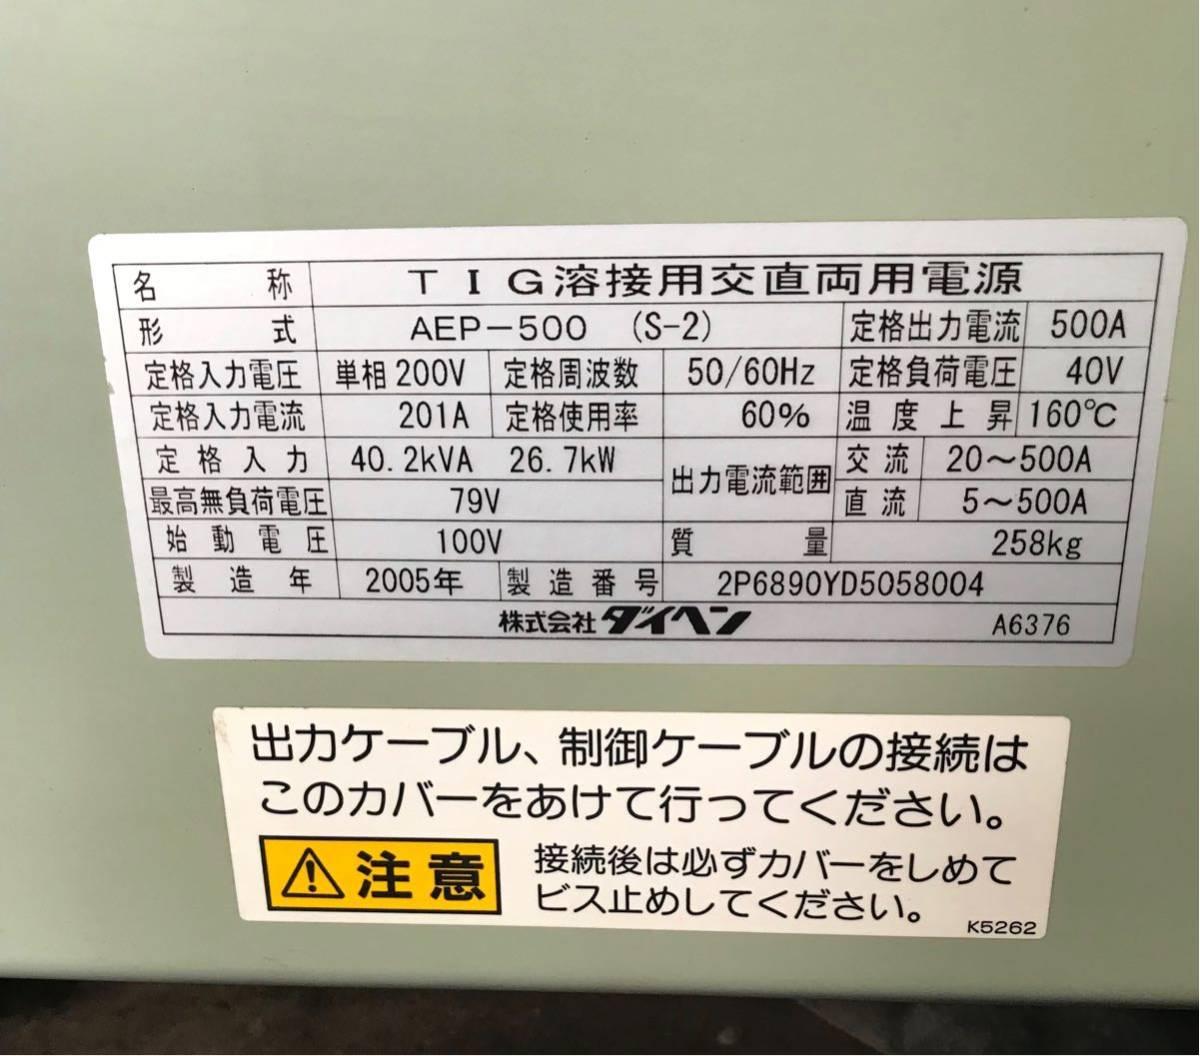 ダイヘン TIG溶接機☆交直両用☆水冷装置付き(マツモト機械製)☆2005年式☆PULSE COMPA 500P_画像8